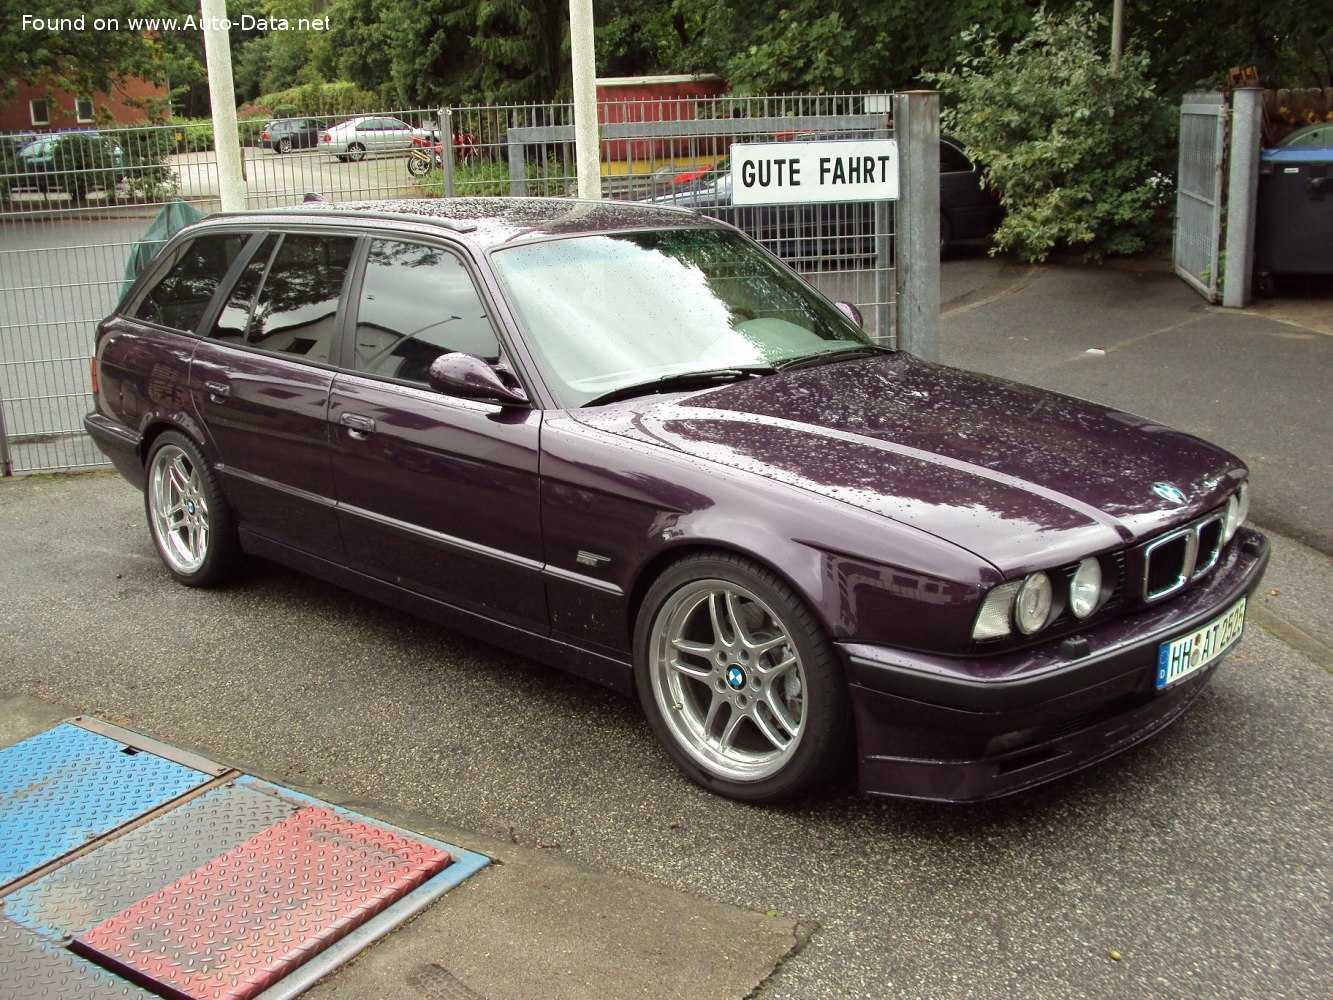 Технические характеристики BMW 320i (E46), 150 л.с., универсал, 5 дв., справочник по автомобилям BMW 320i (E46), 150 л.с. автокаталог, каталог авто.